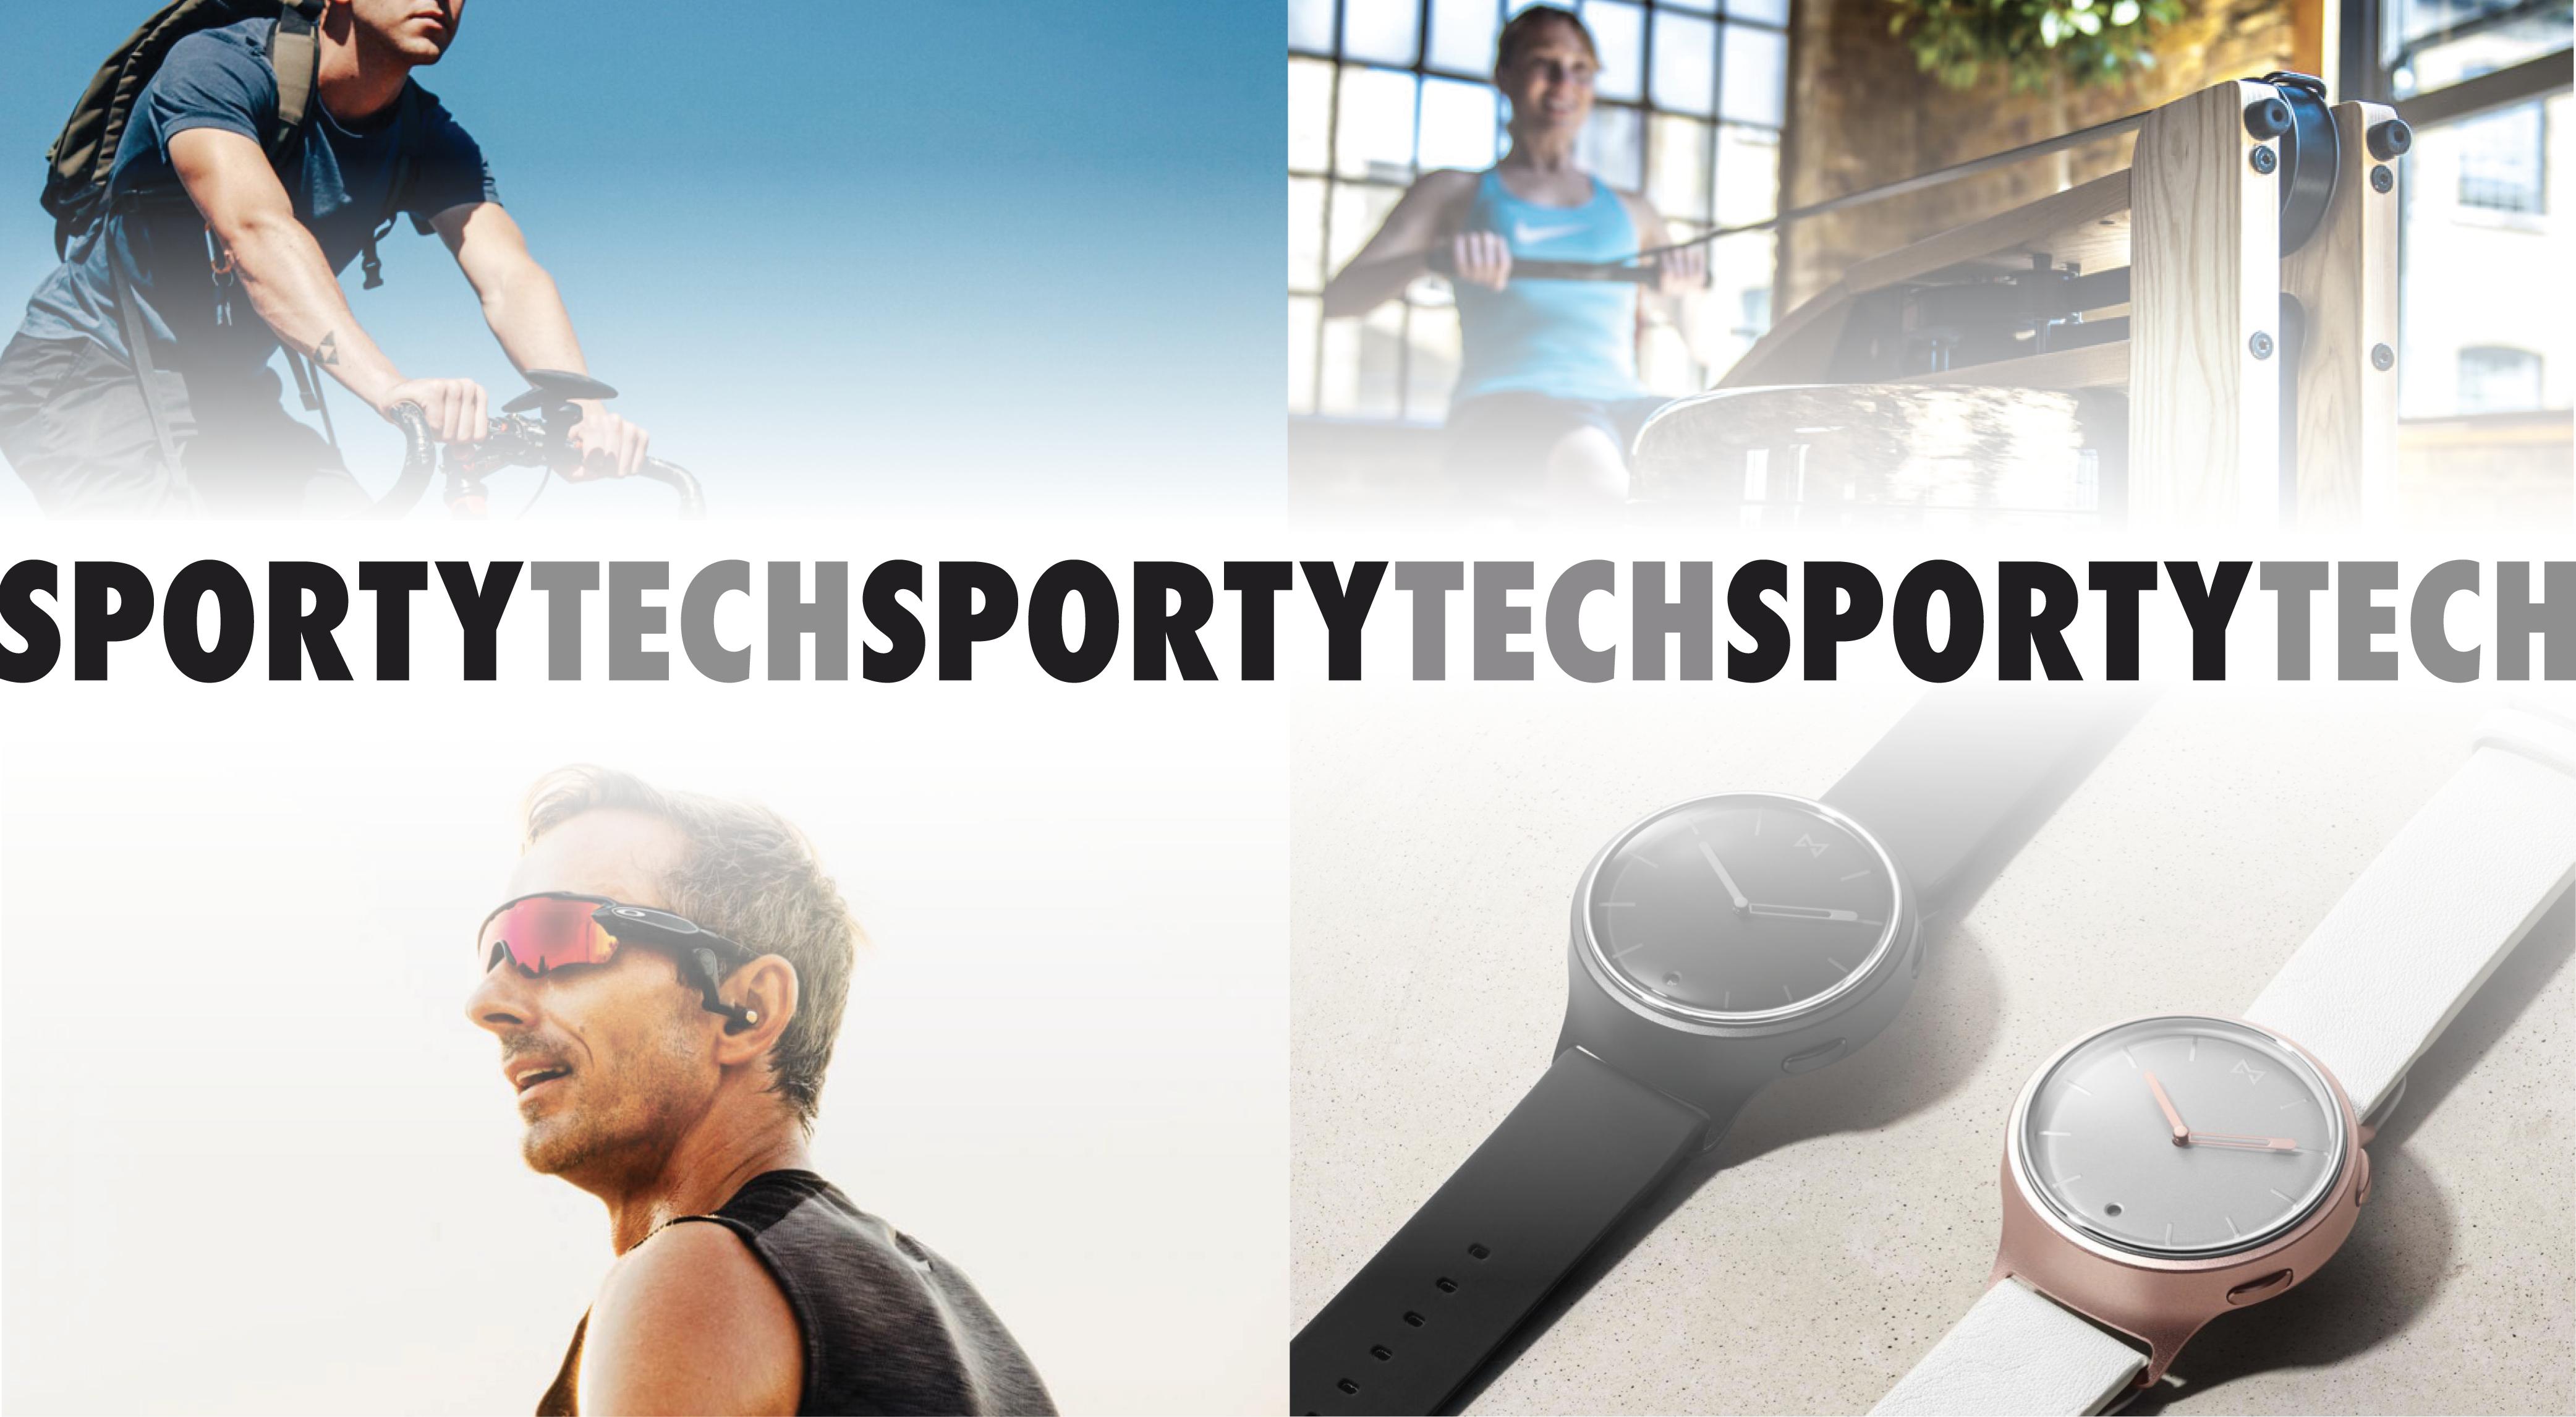 Be sporty tech